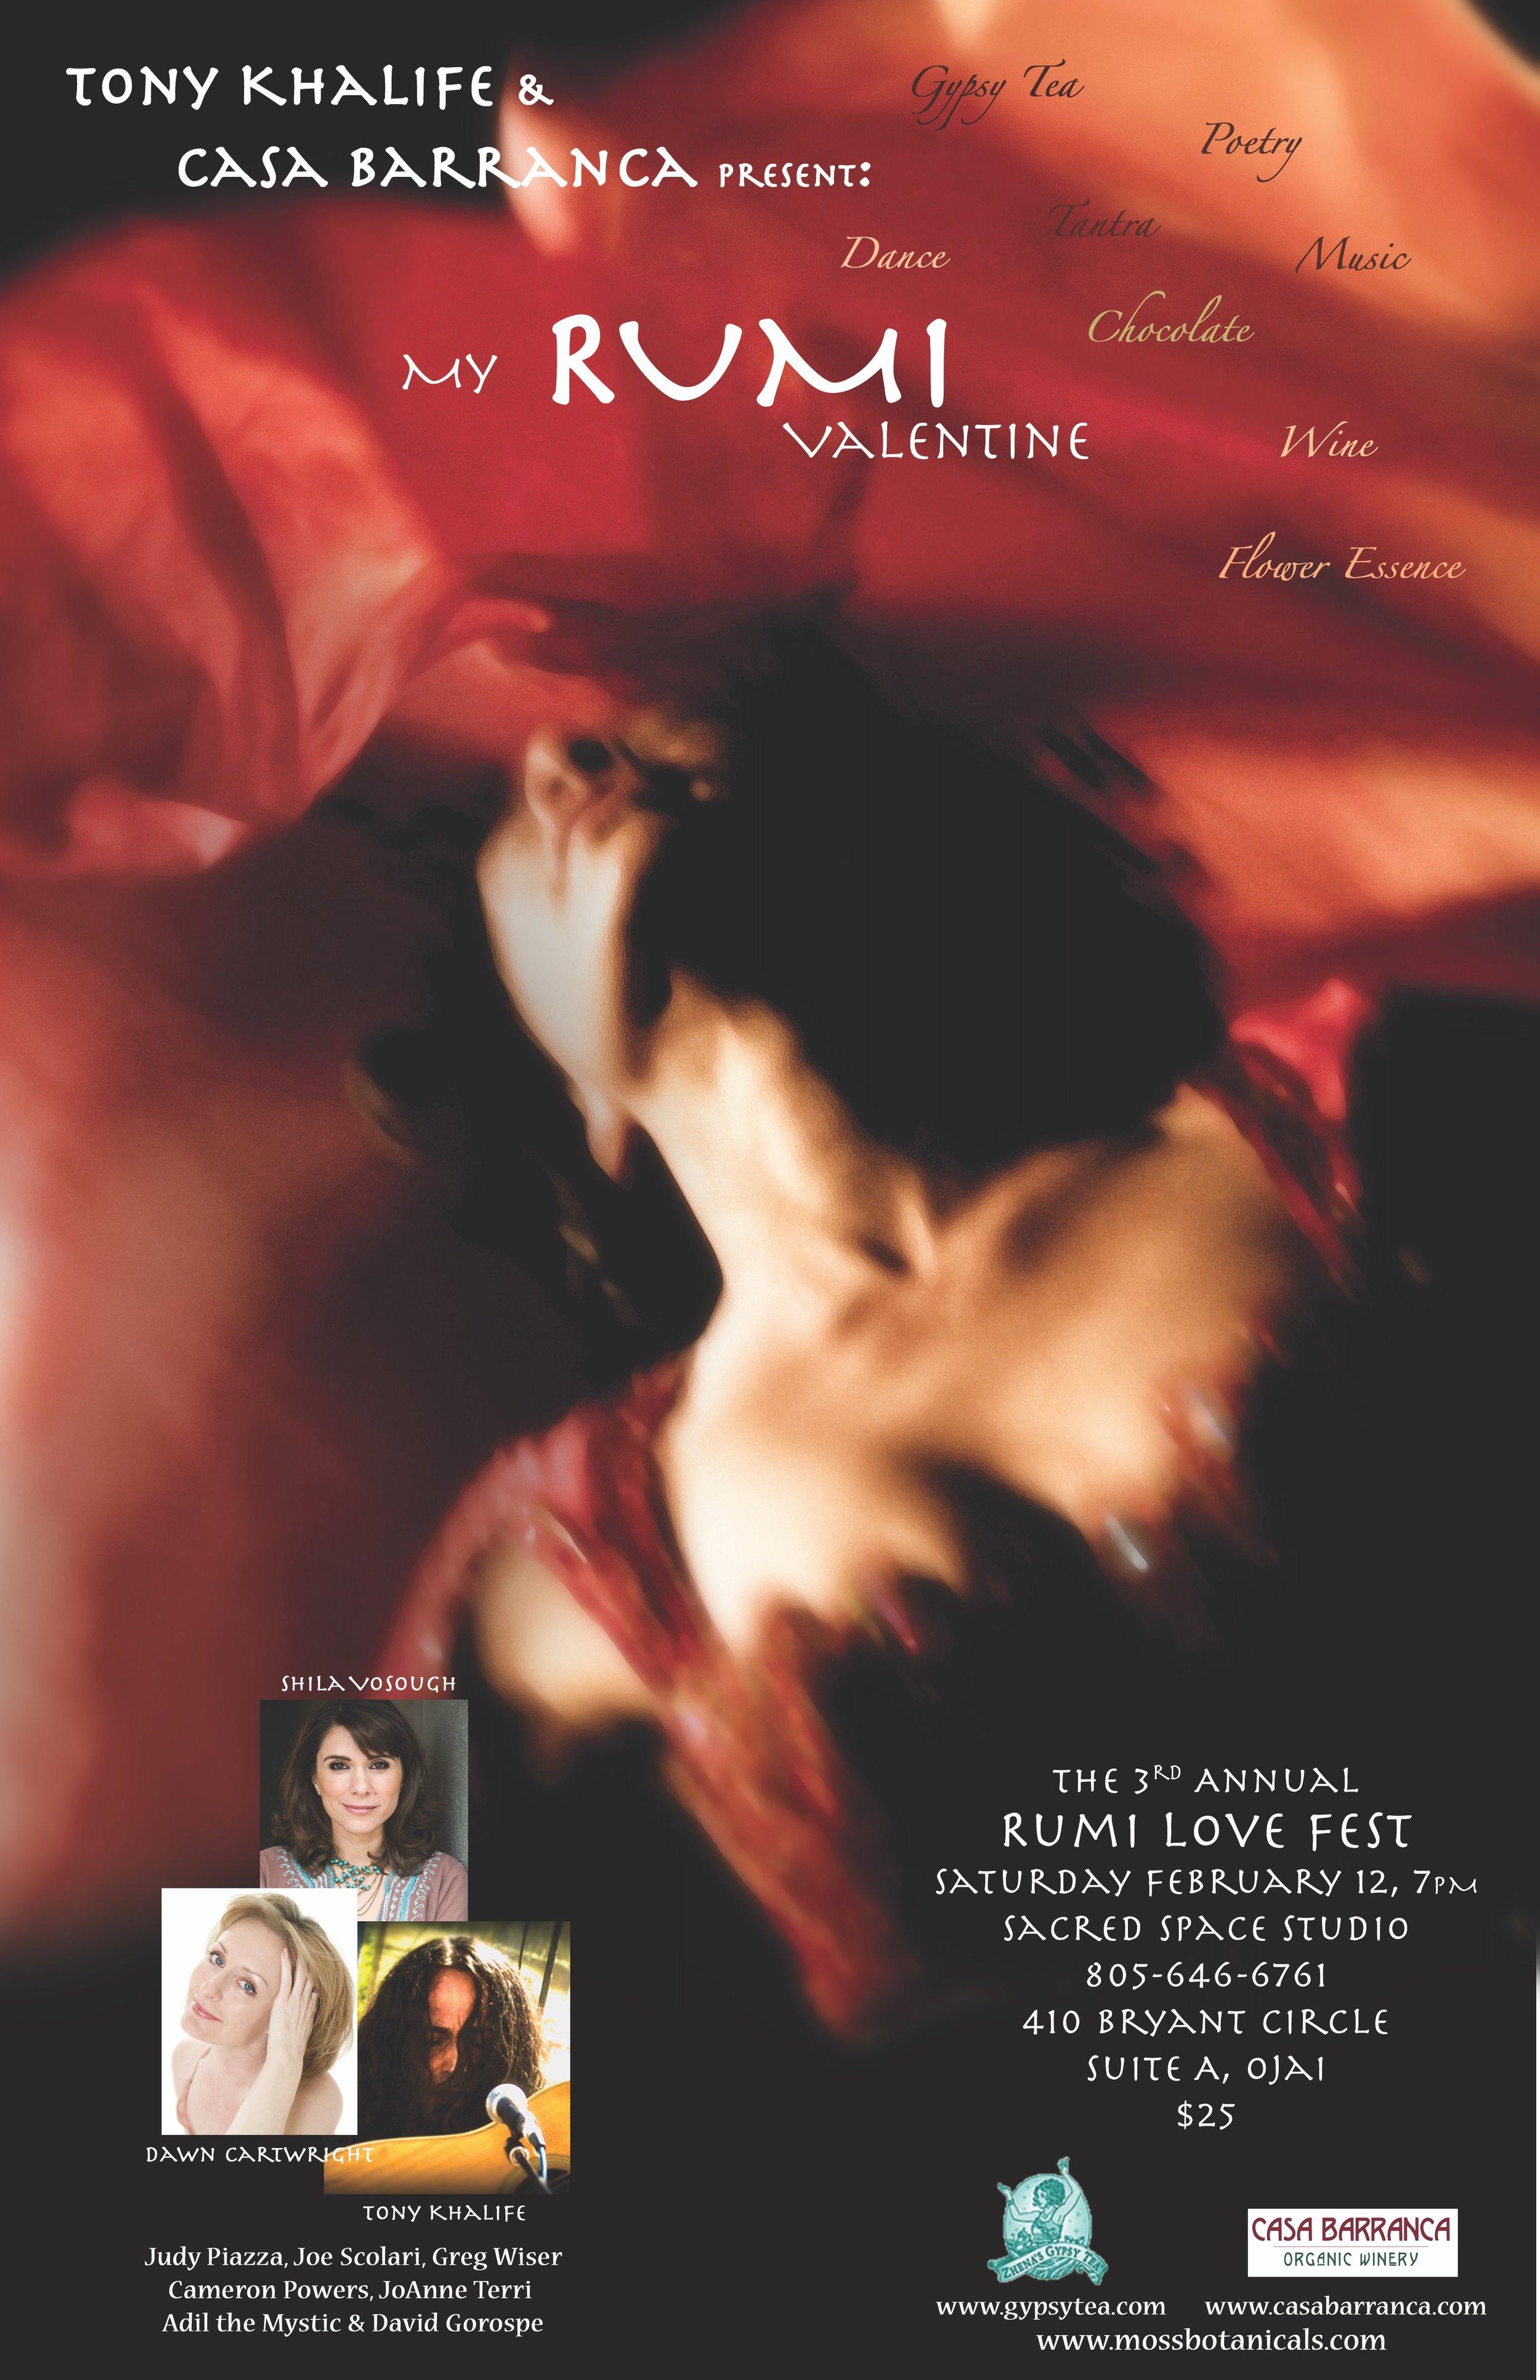 My Rumi Valentine